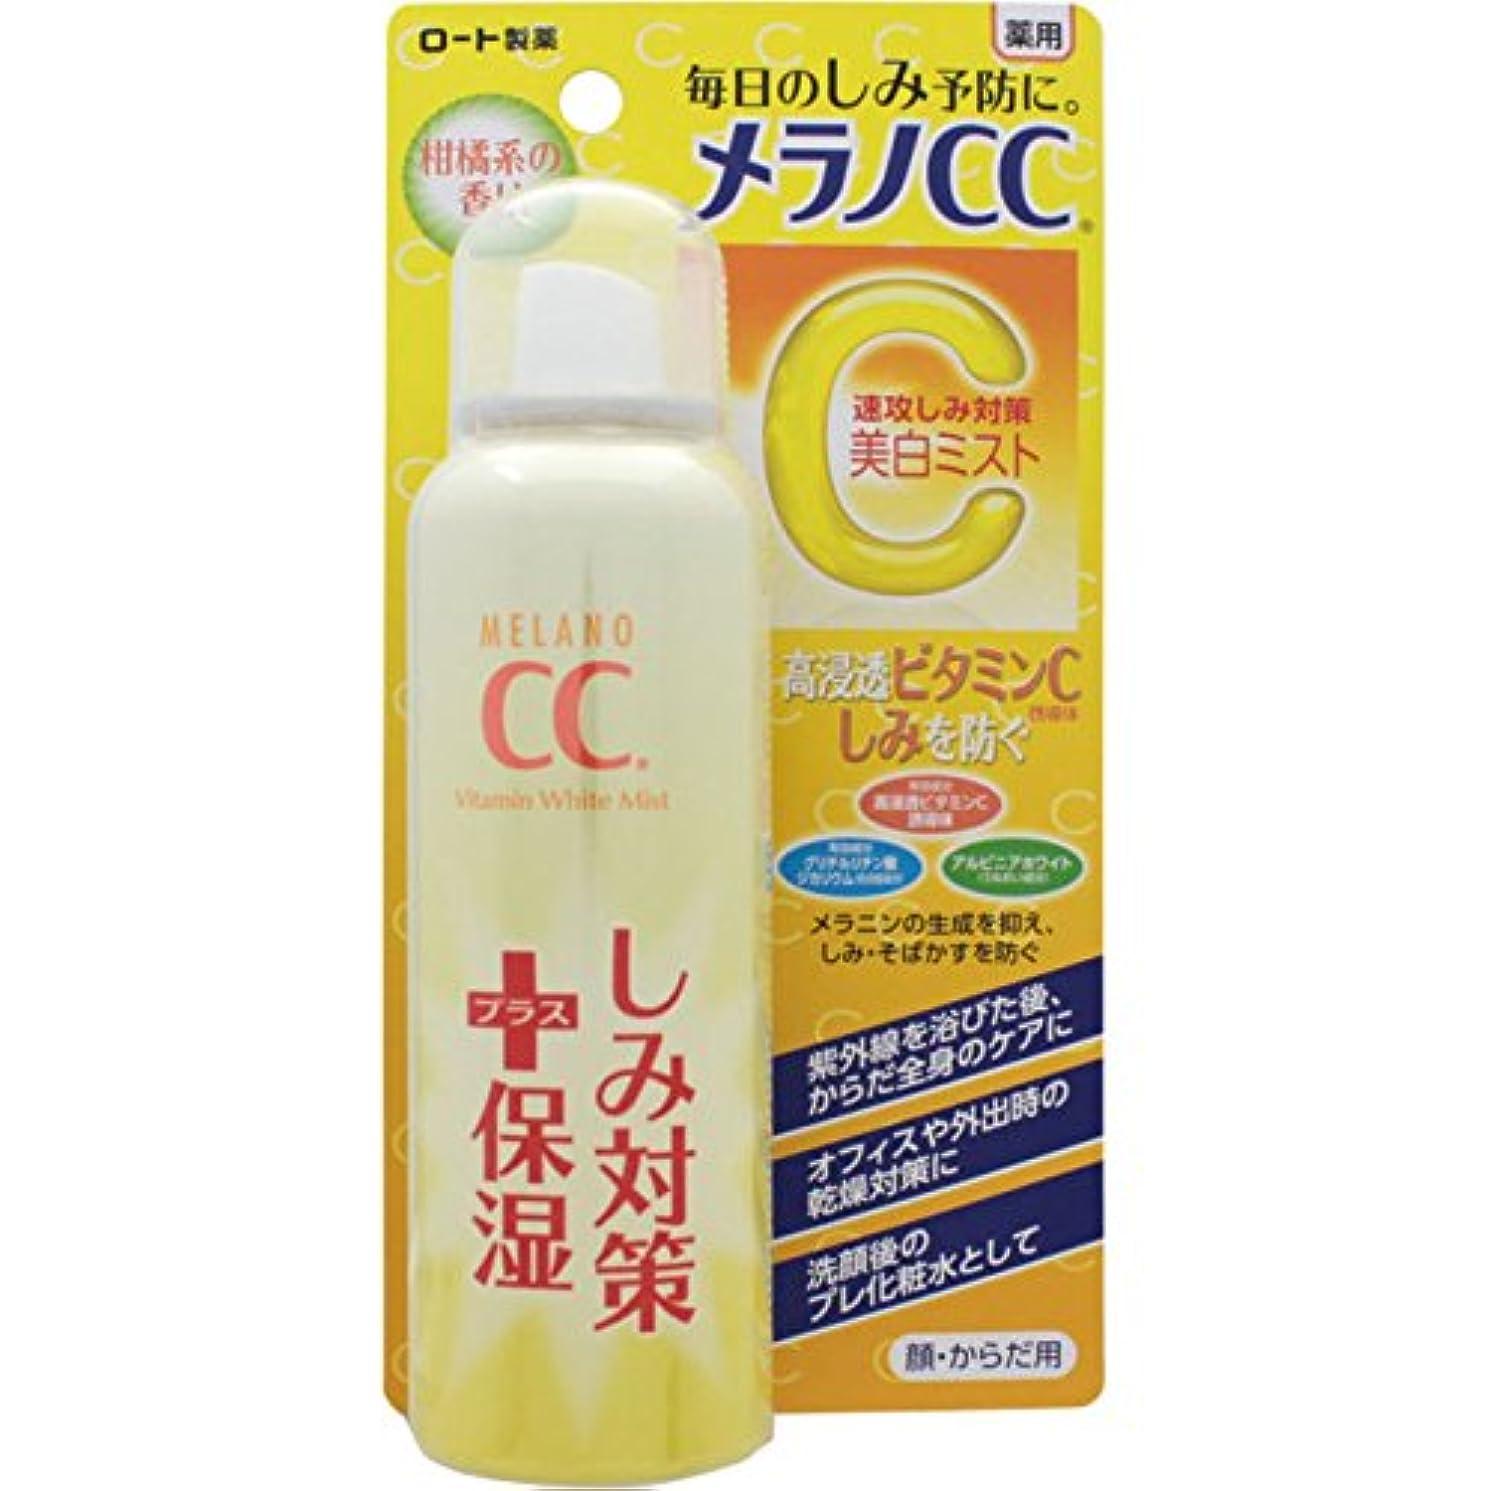 補正雇った同化【医薬部外品】メラノCC 薬用しみ対策 美白ミスト化粧水 100g